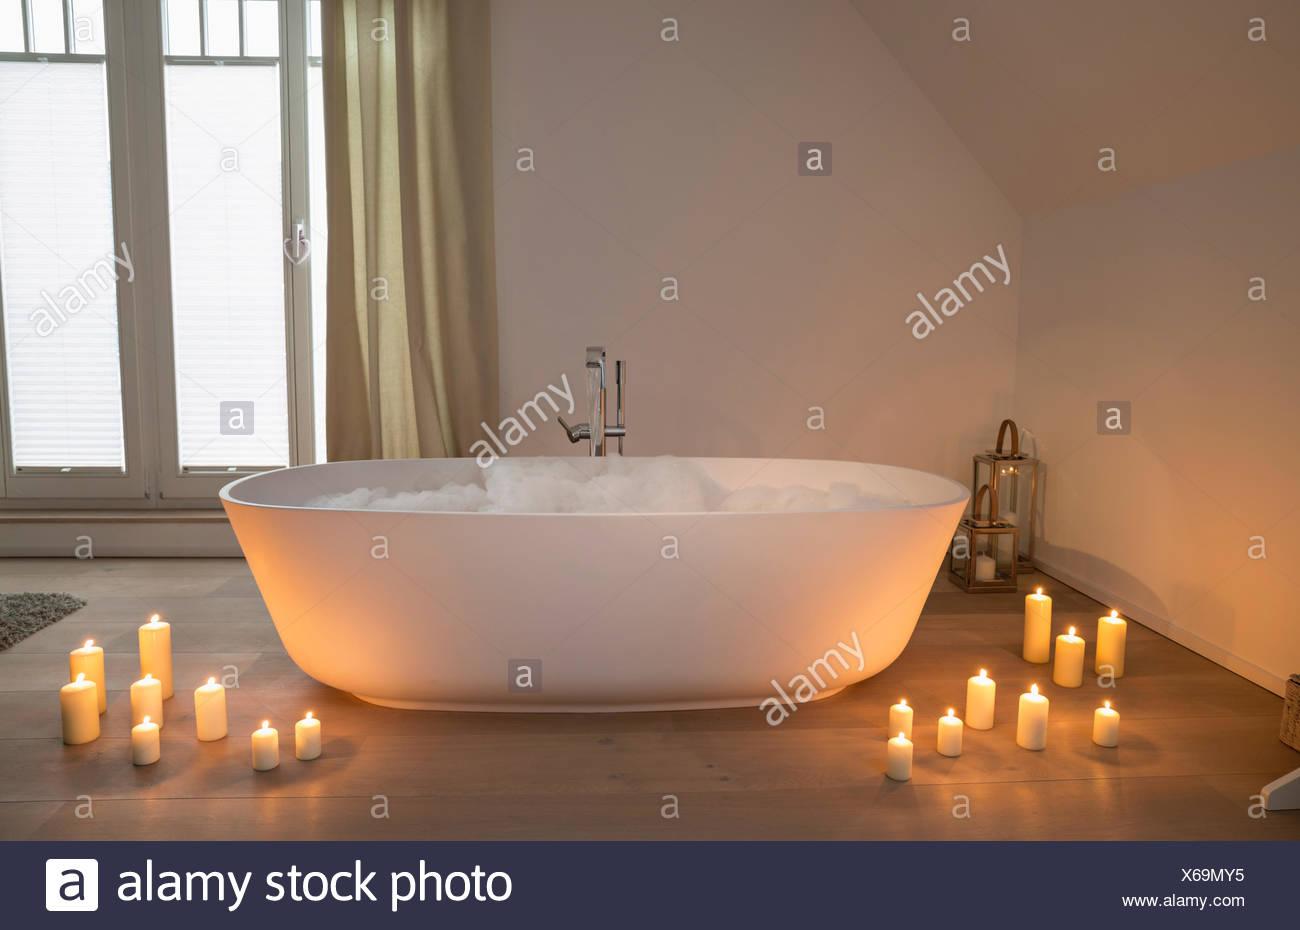 Vasca Da Bagno Romantica Con Candele : Bagno romantico con candele accese a fianco di una moderna vasca